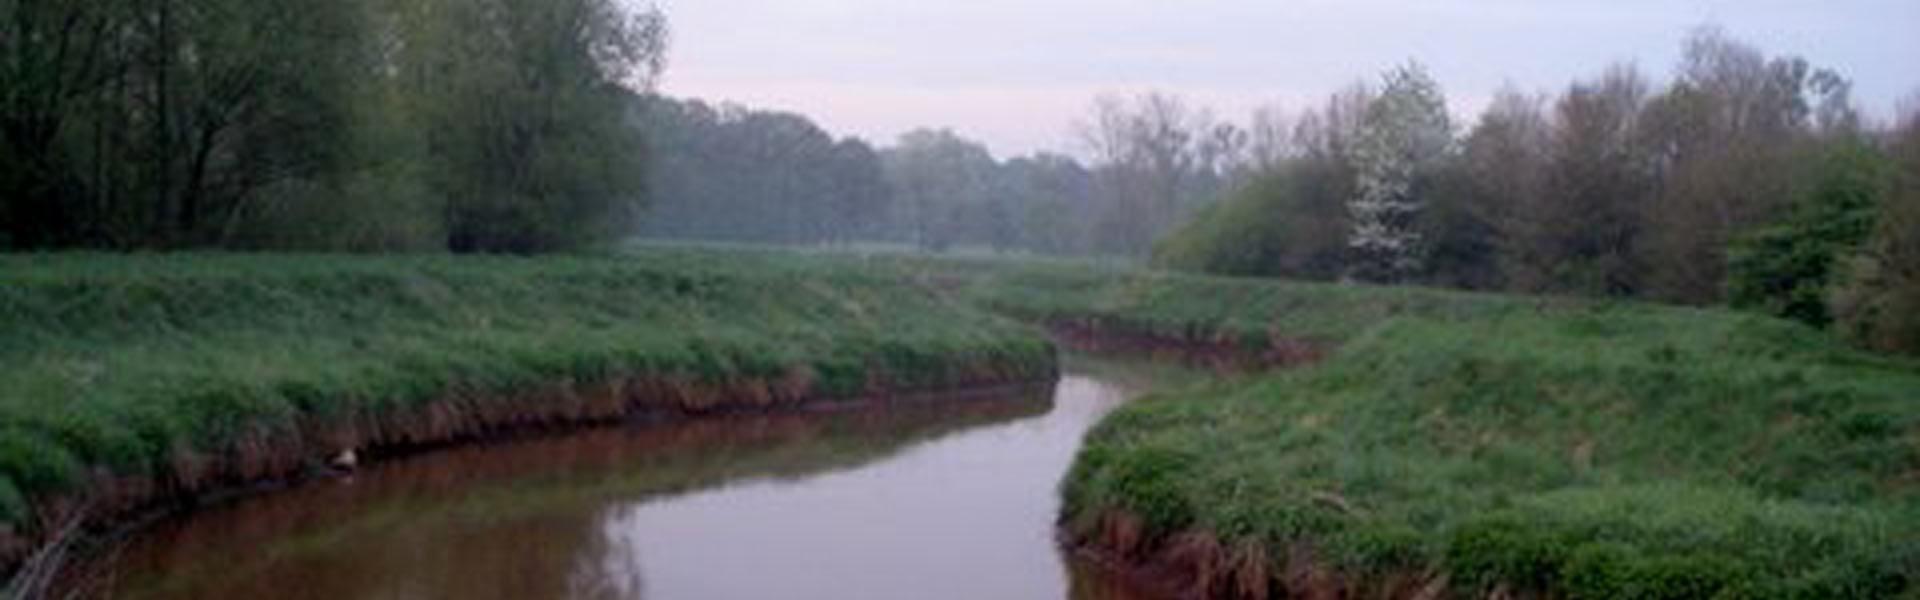 Dauwtrip2009